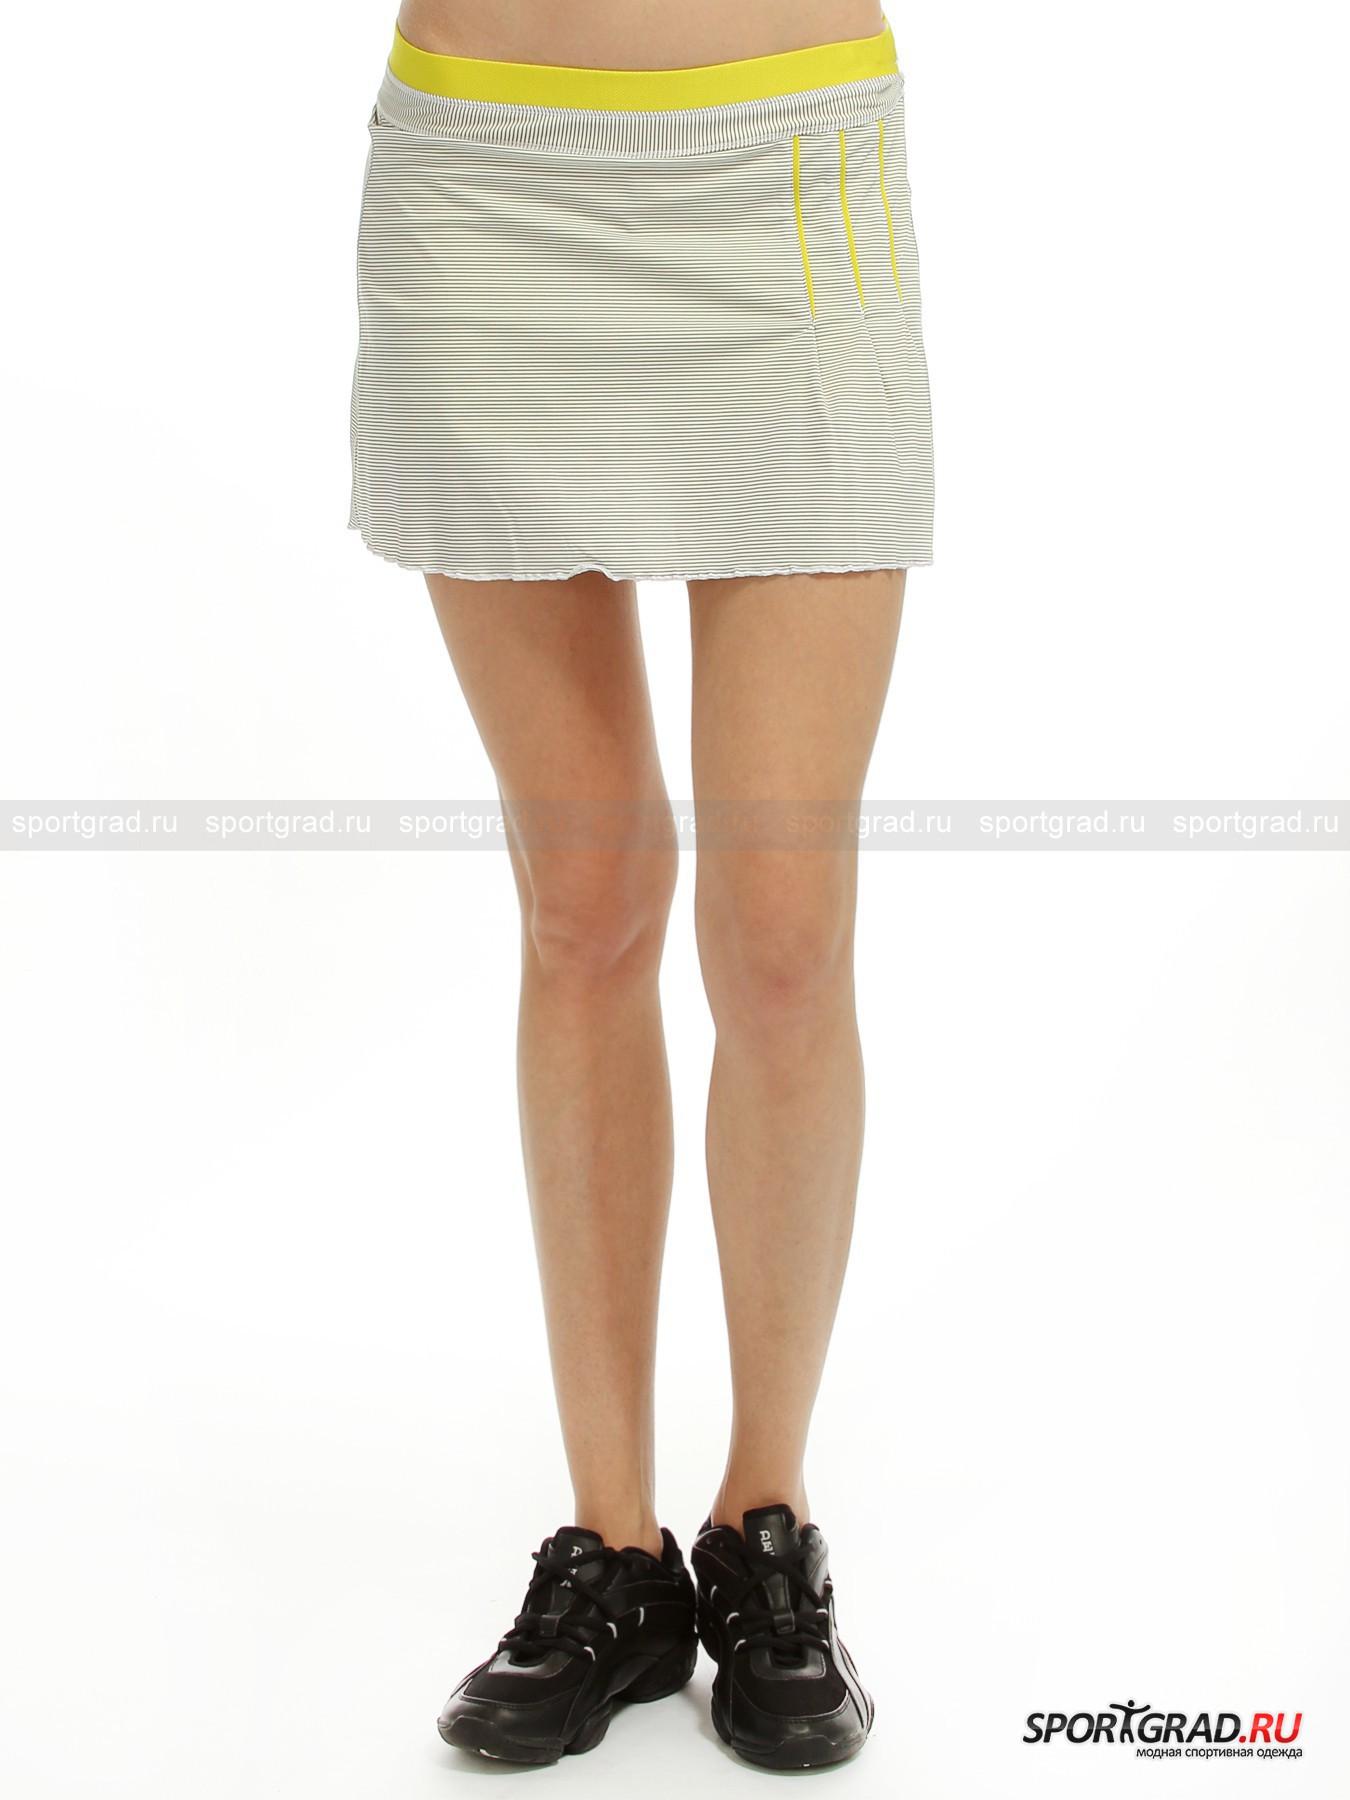 ���� ������� ��� ������� Devotion tennis skirt CASALL